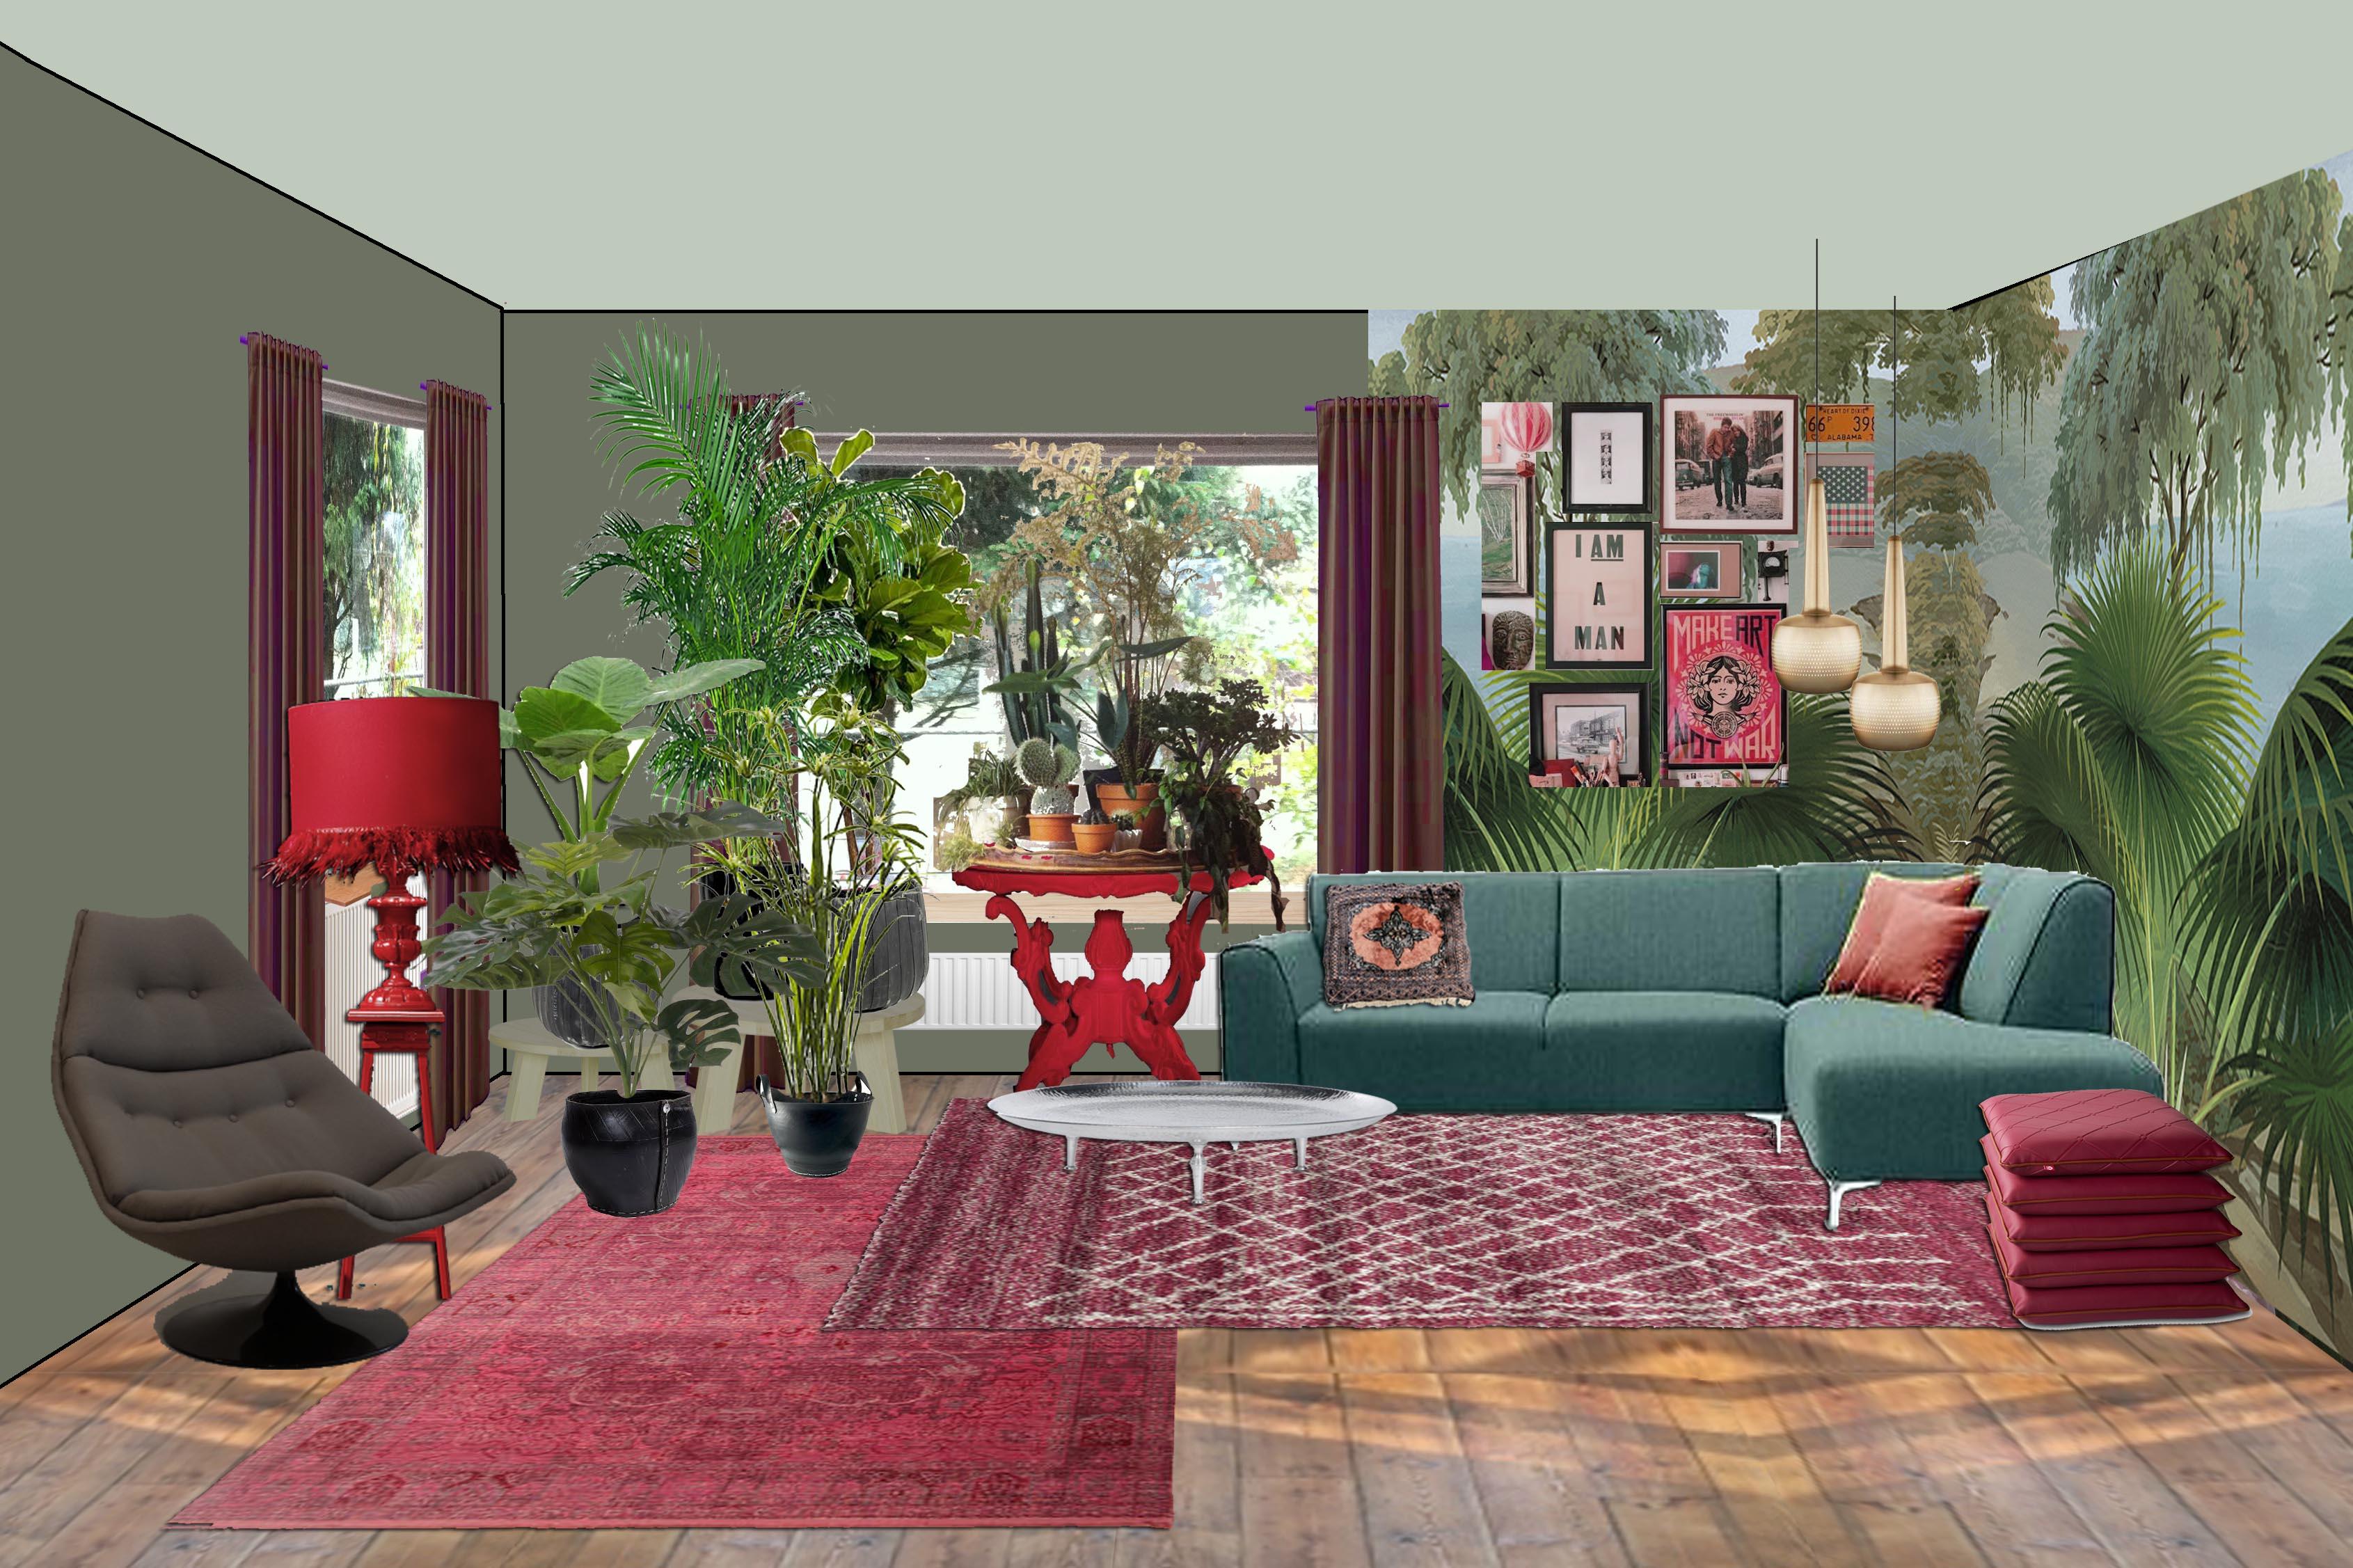 felle kleuren in je interieur, zonder dat je knetter wordt, Deco ideeën